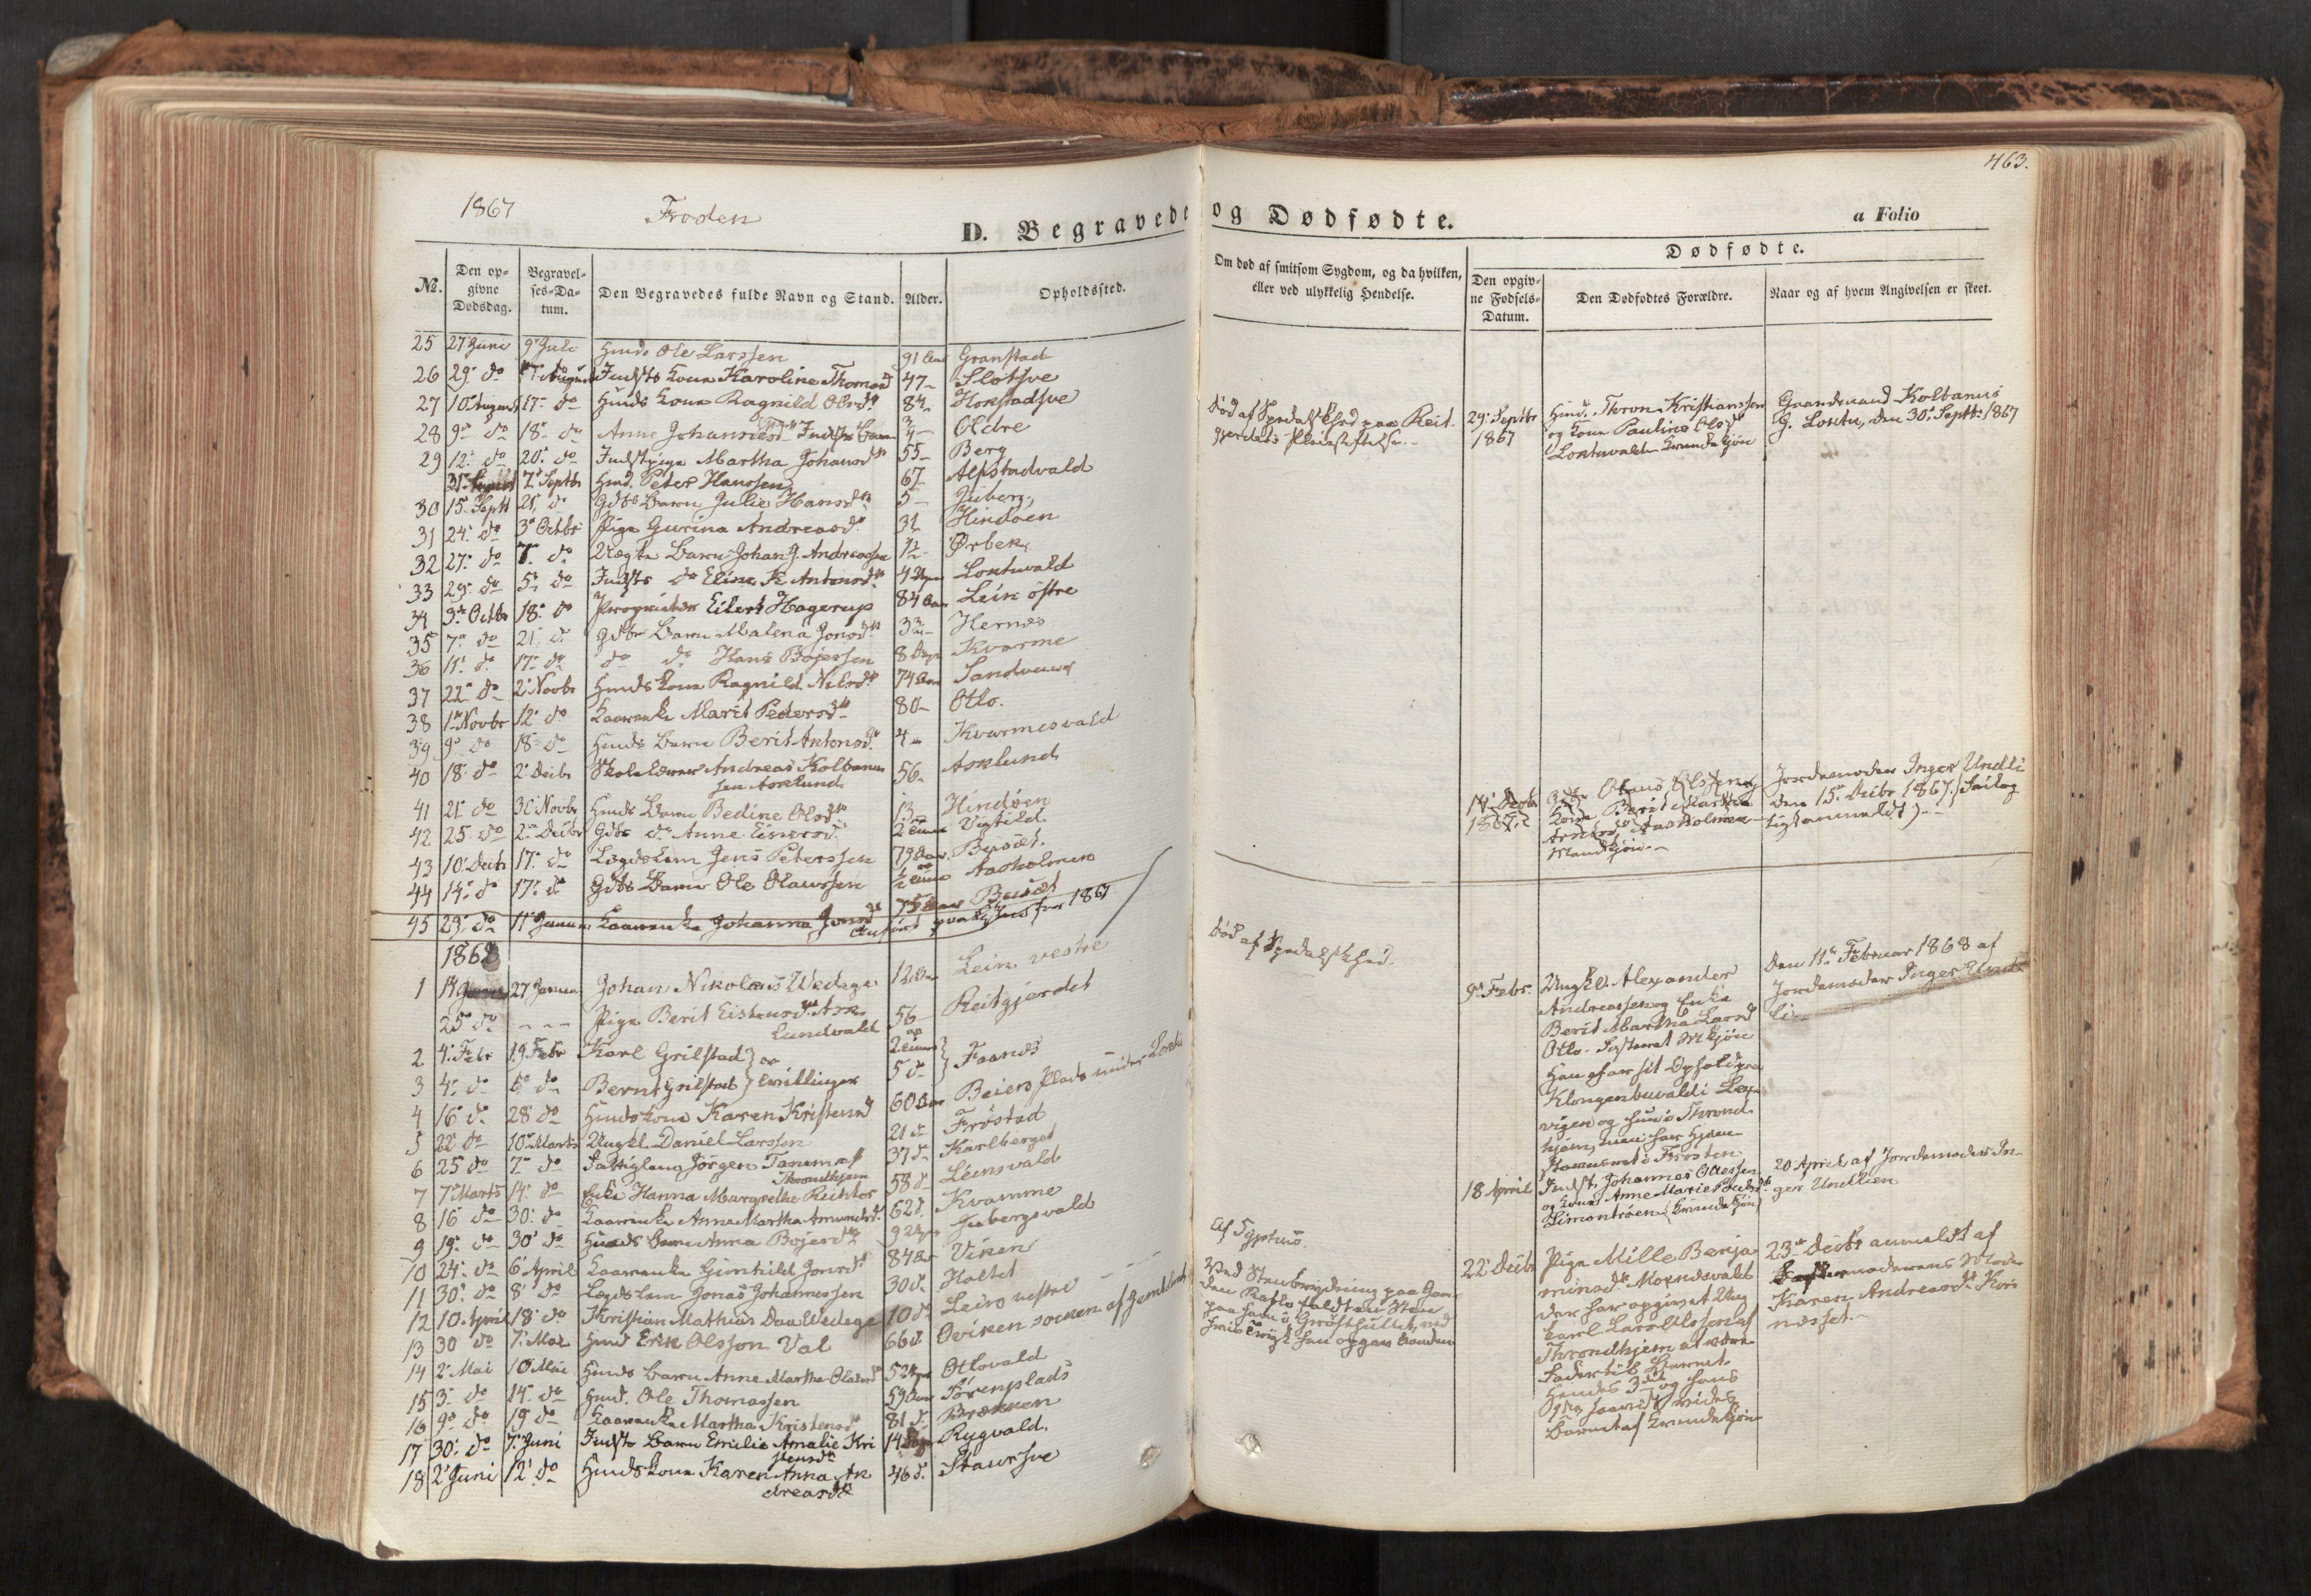 SAT, Ministerialprotokoller, klokkerbøker og fødselsregistre - Nord-Trøndelag, 713/L0116: Ministerialbok nr. 713A07, 1850-1877, s. 463